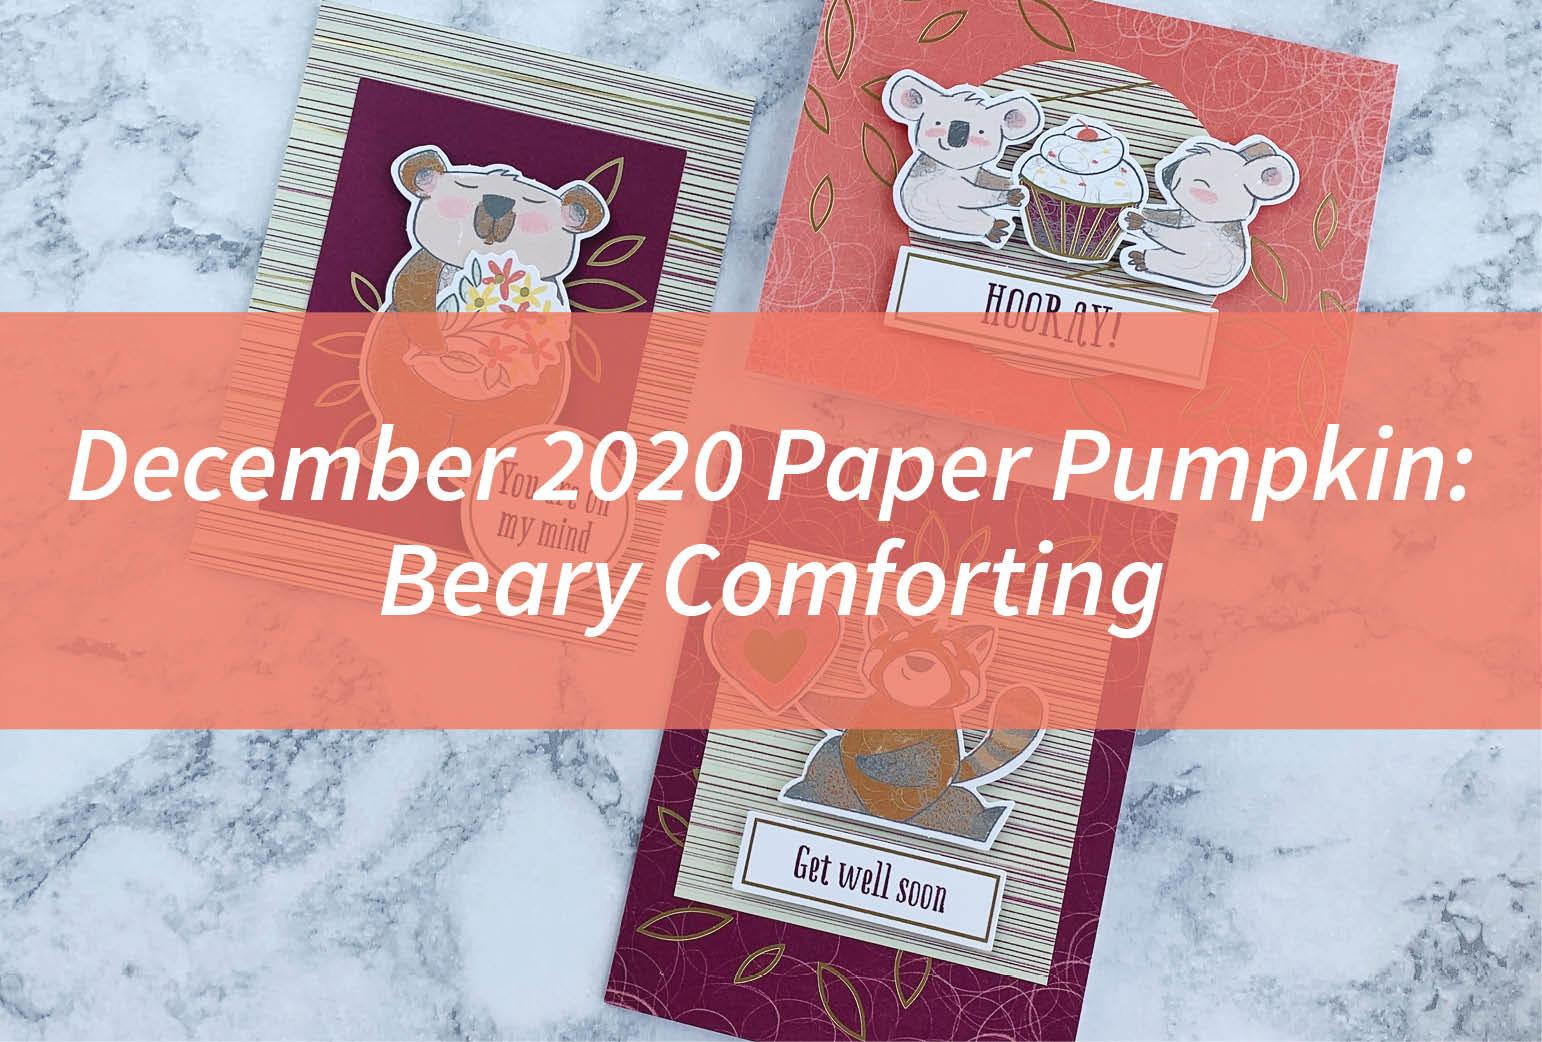 December 2020 Paper Pumpkin: Beary Comforting